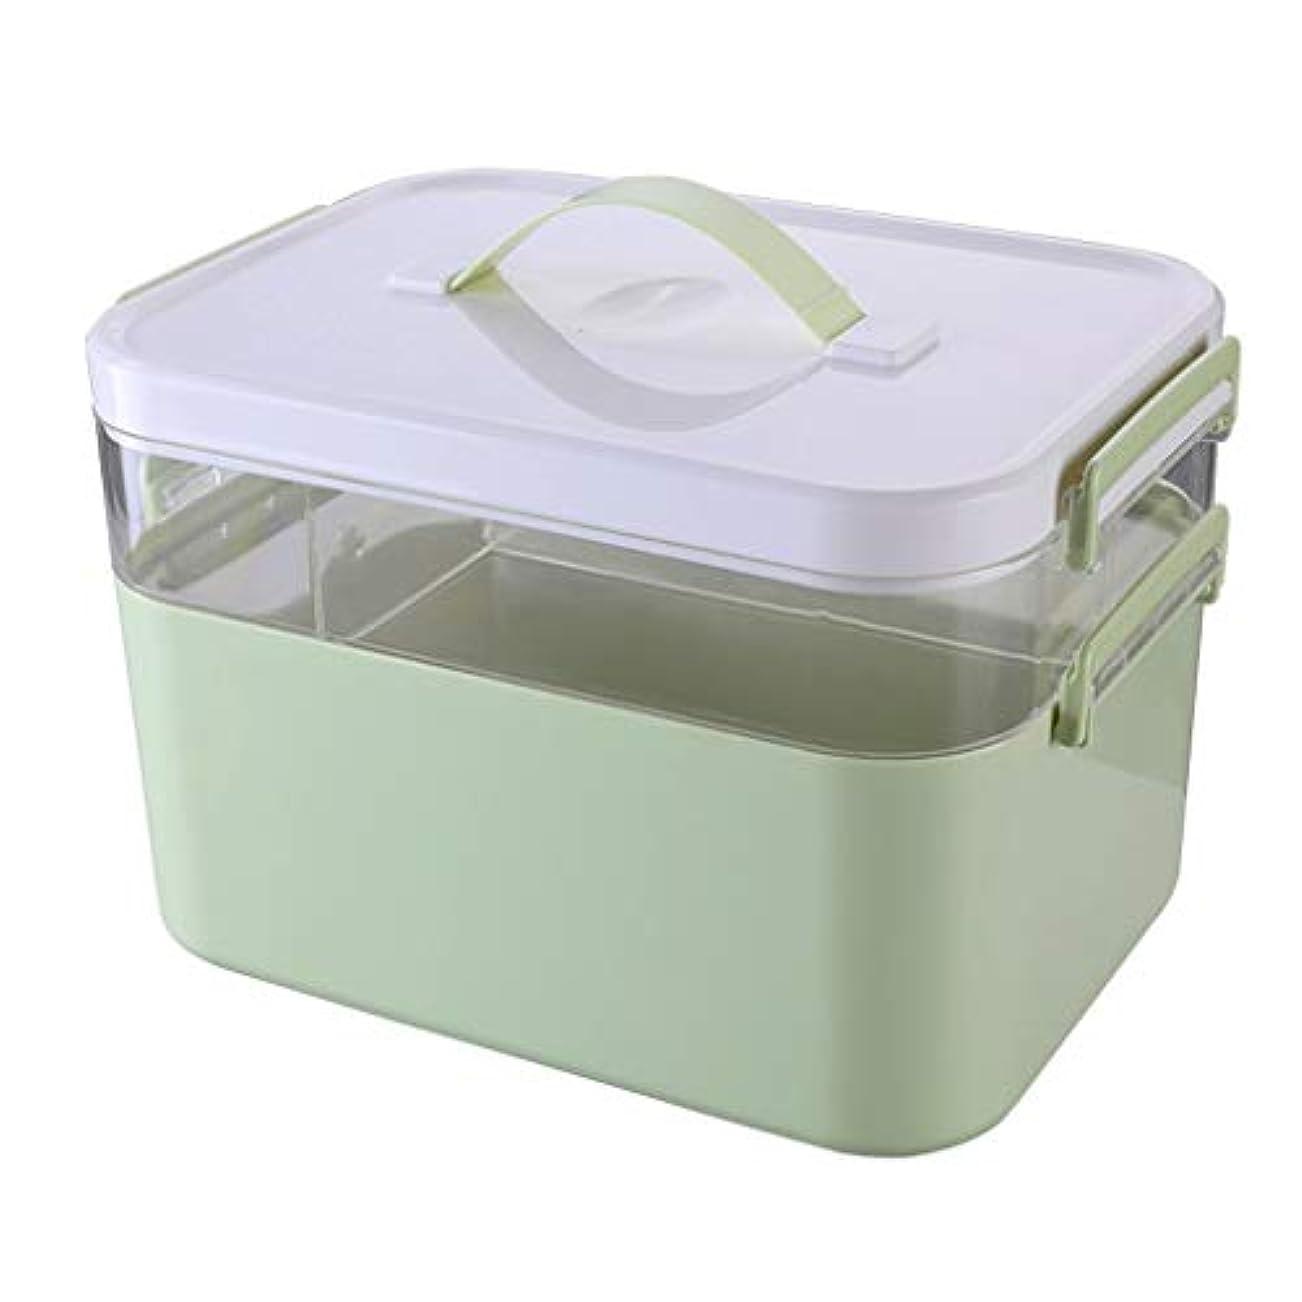 エッセイグラフドアミラーピルボックスPP 28.5 * 19.5 * 18cm家庭用薬ボックス薬収納ボックス (色 : 緑)